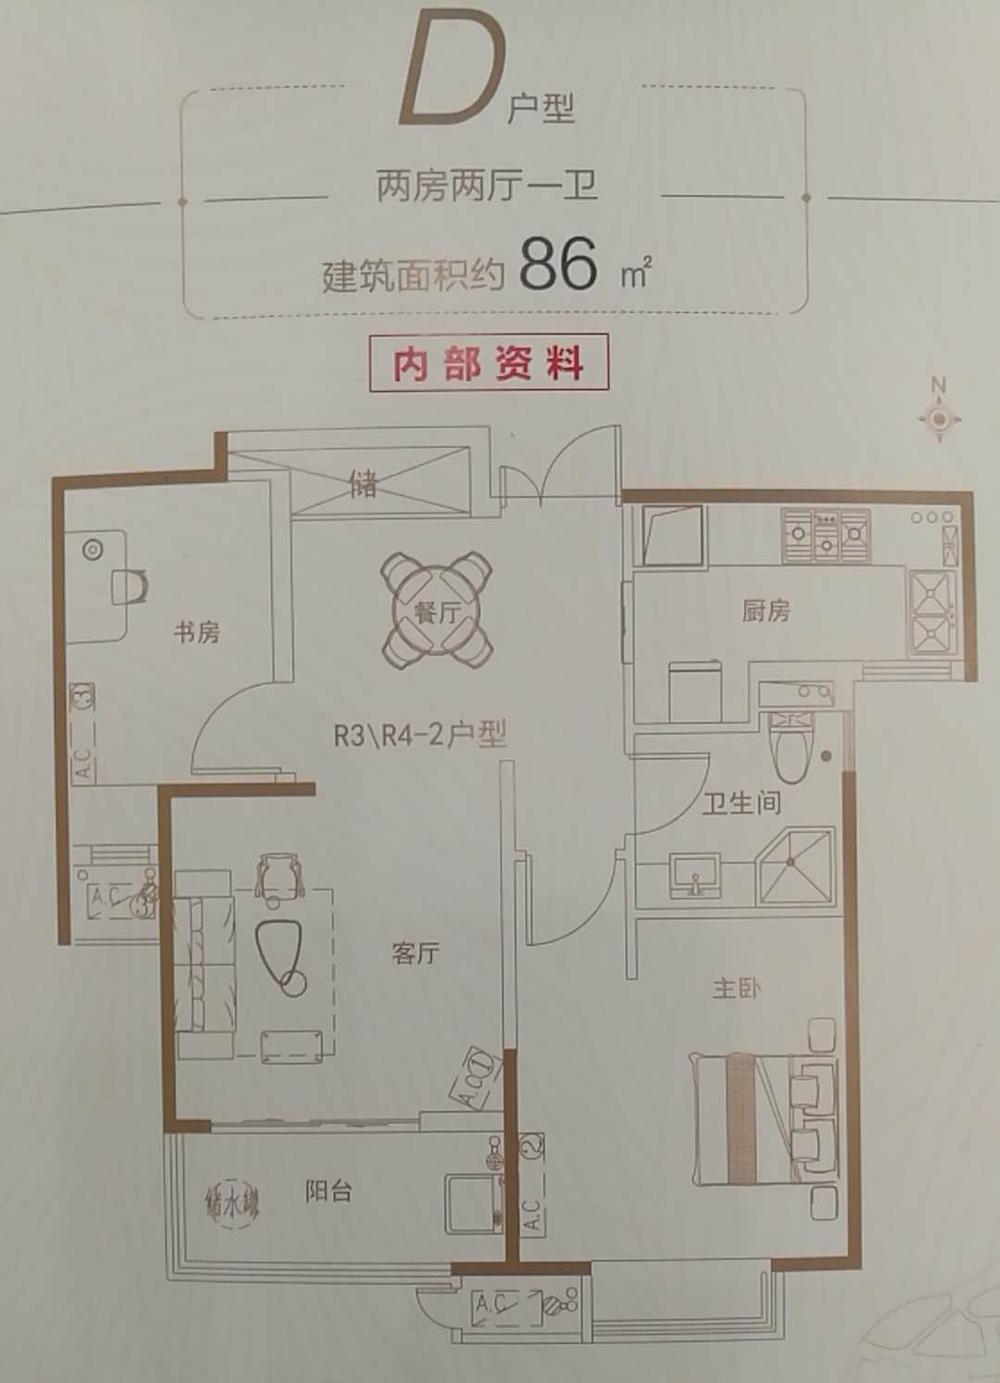 坝上街环球中心R3#、R4#楼86㎡D户型